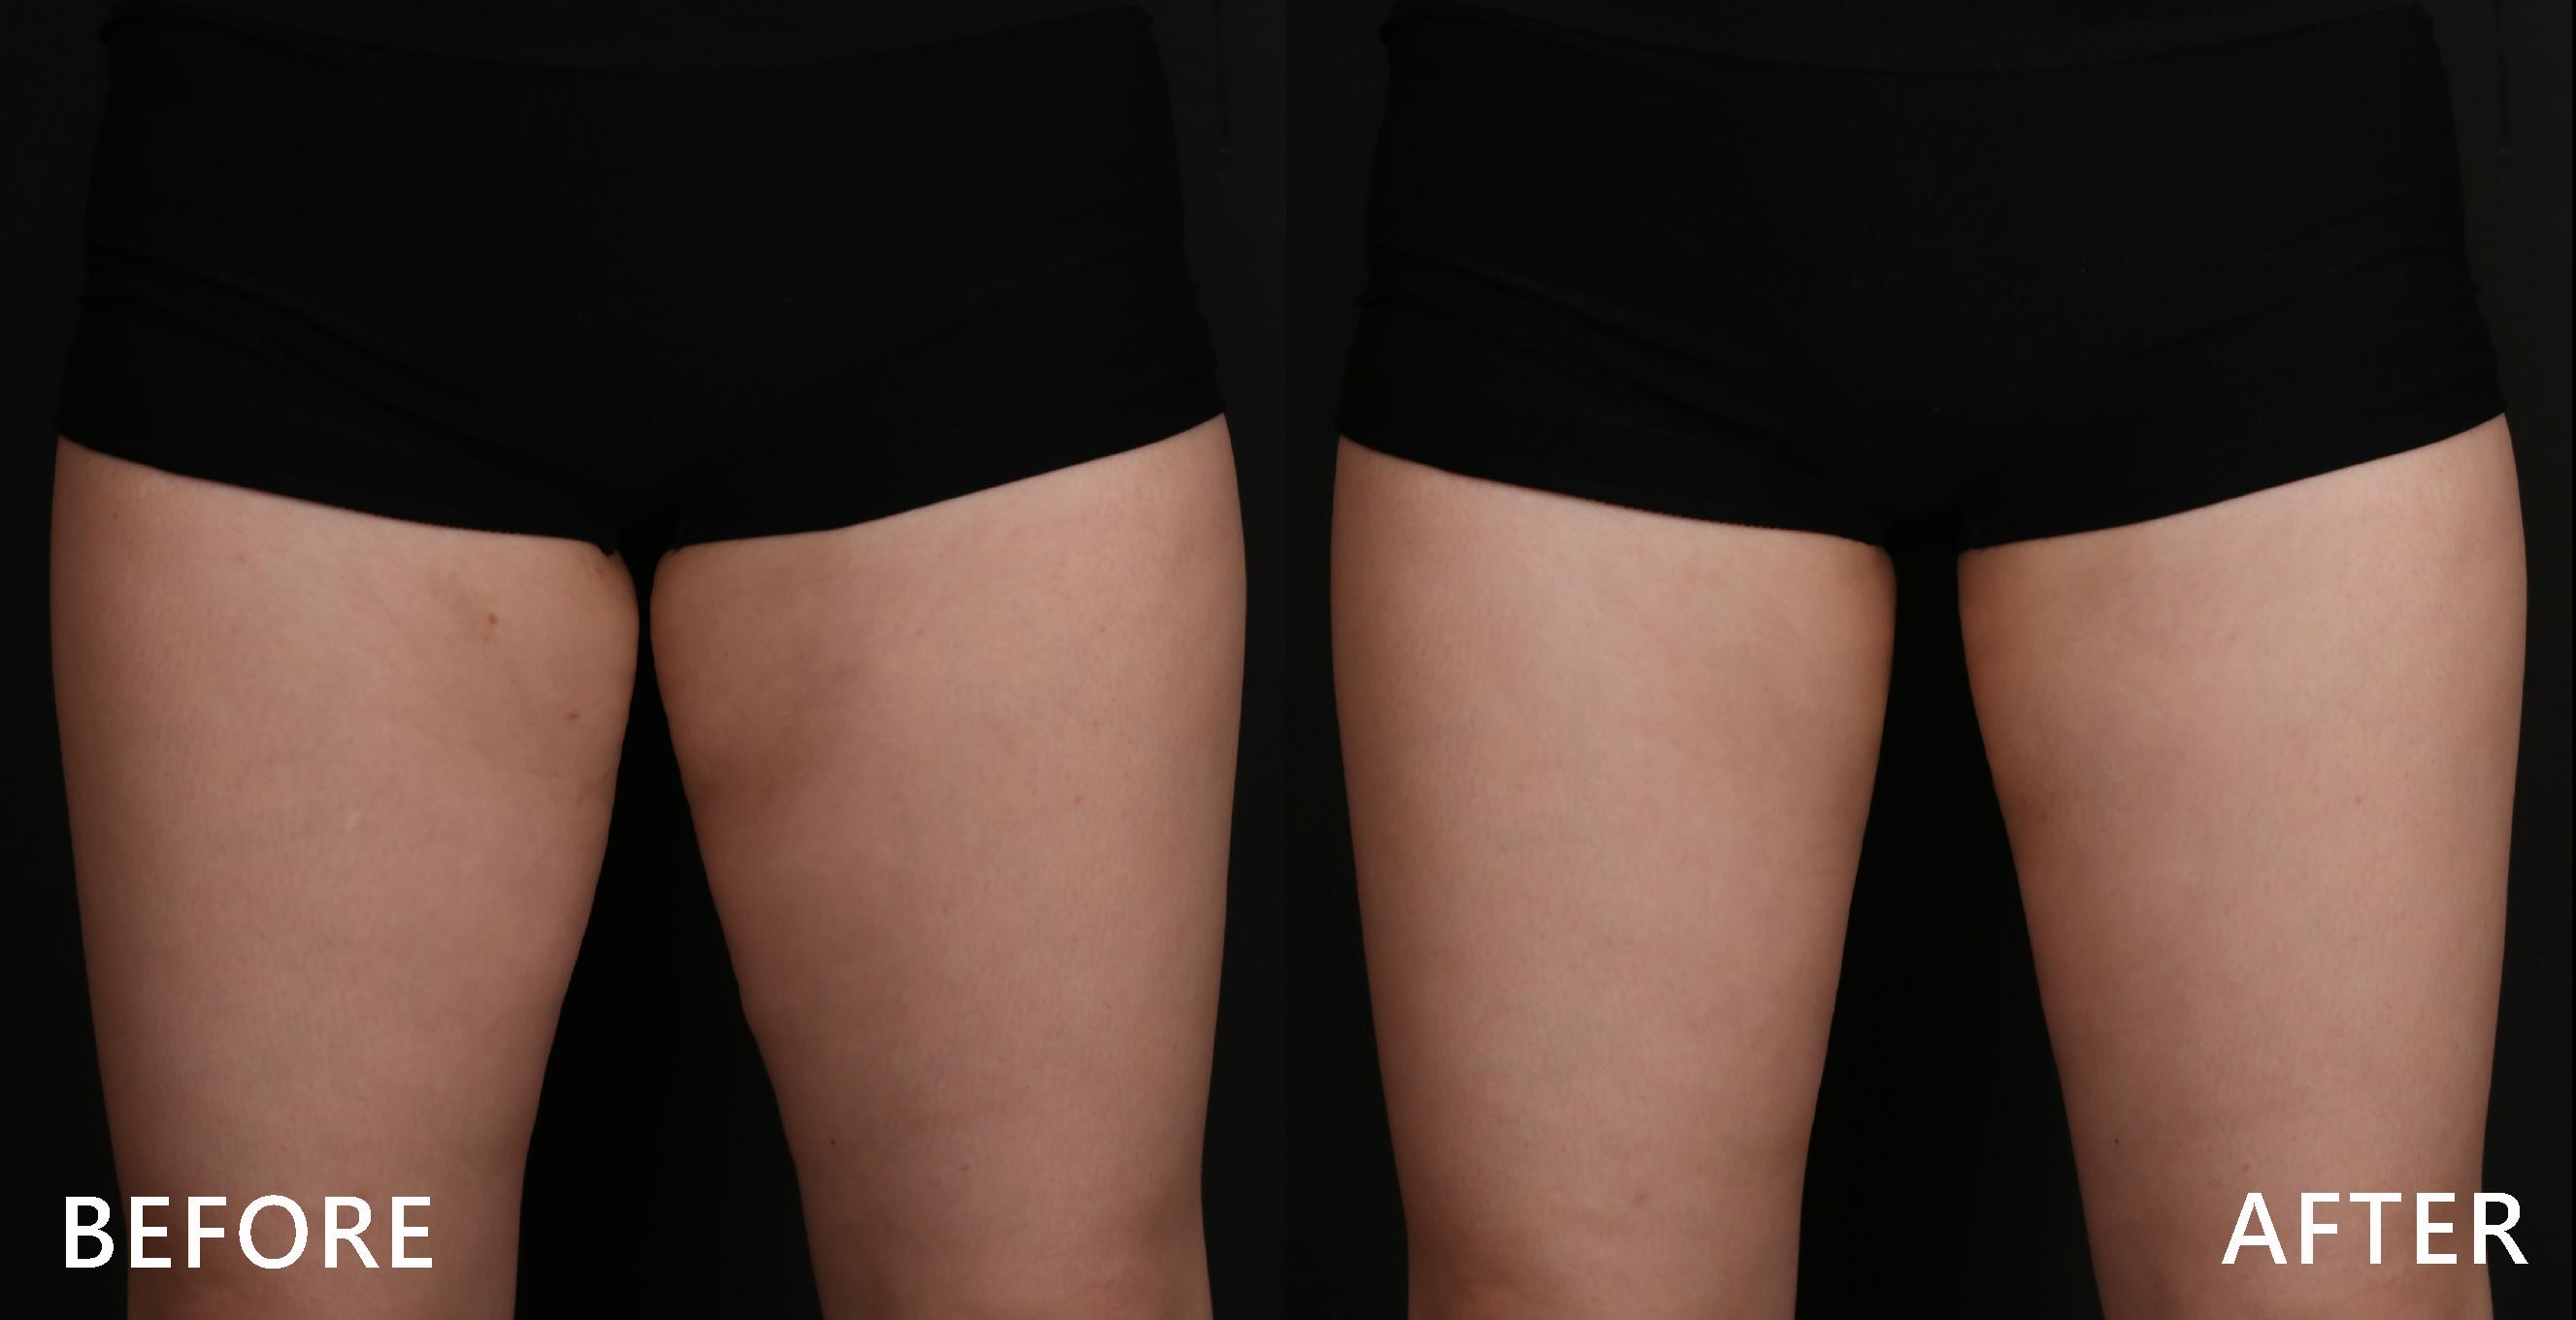 沒有大腿縫好難過,經由酷塑冷凍減脂治療後,重新找回纖細大腿。(效果因個案而異)